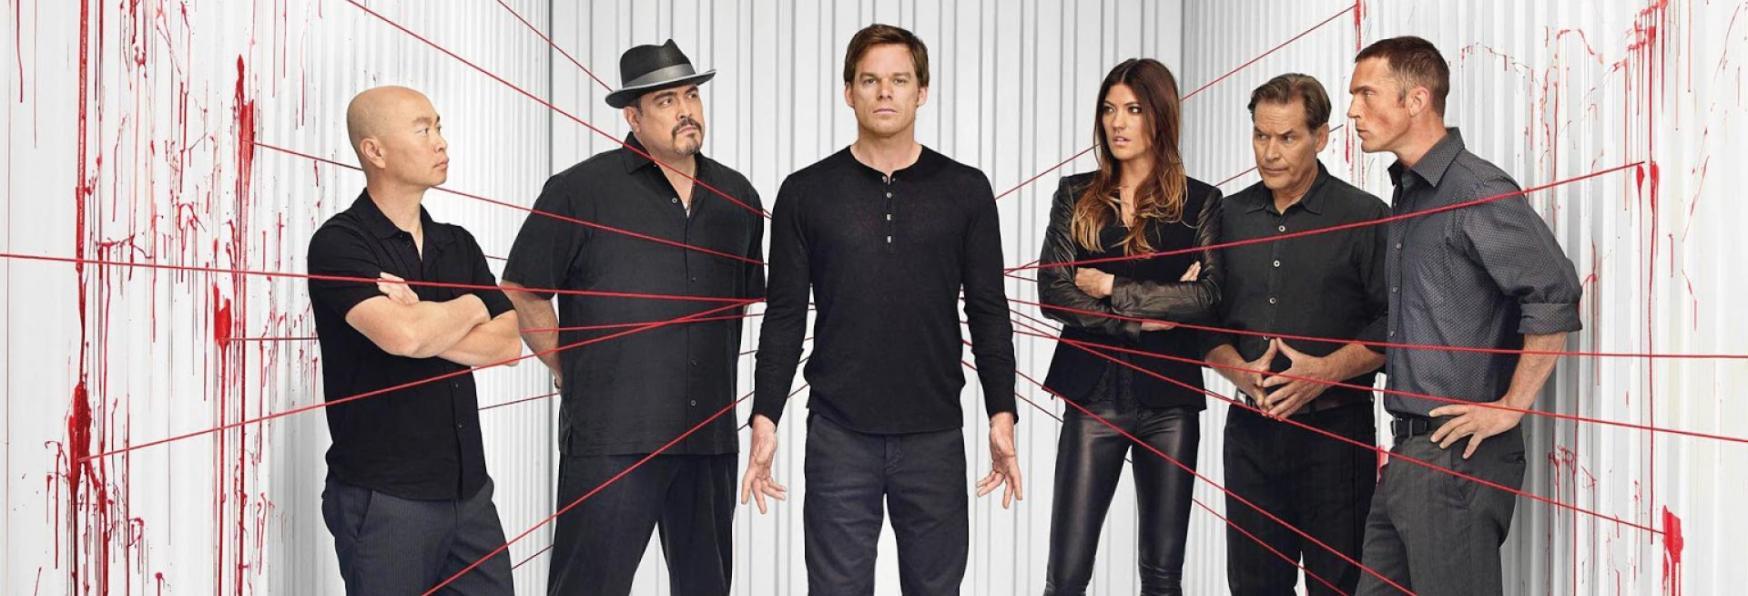 Dexter: lo Showrunner afferma che il Revival è come un Secondo Finale e non una 9° Stagione